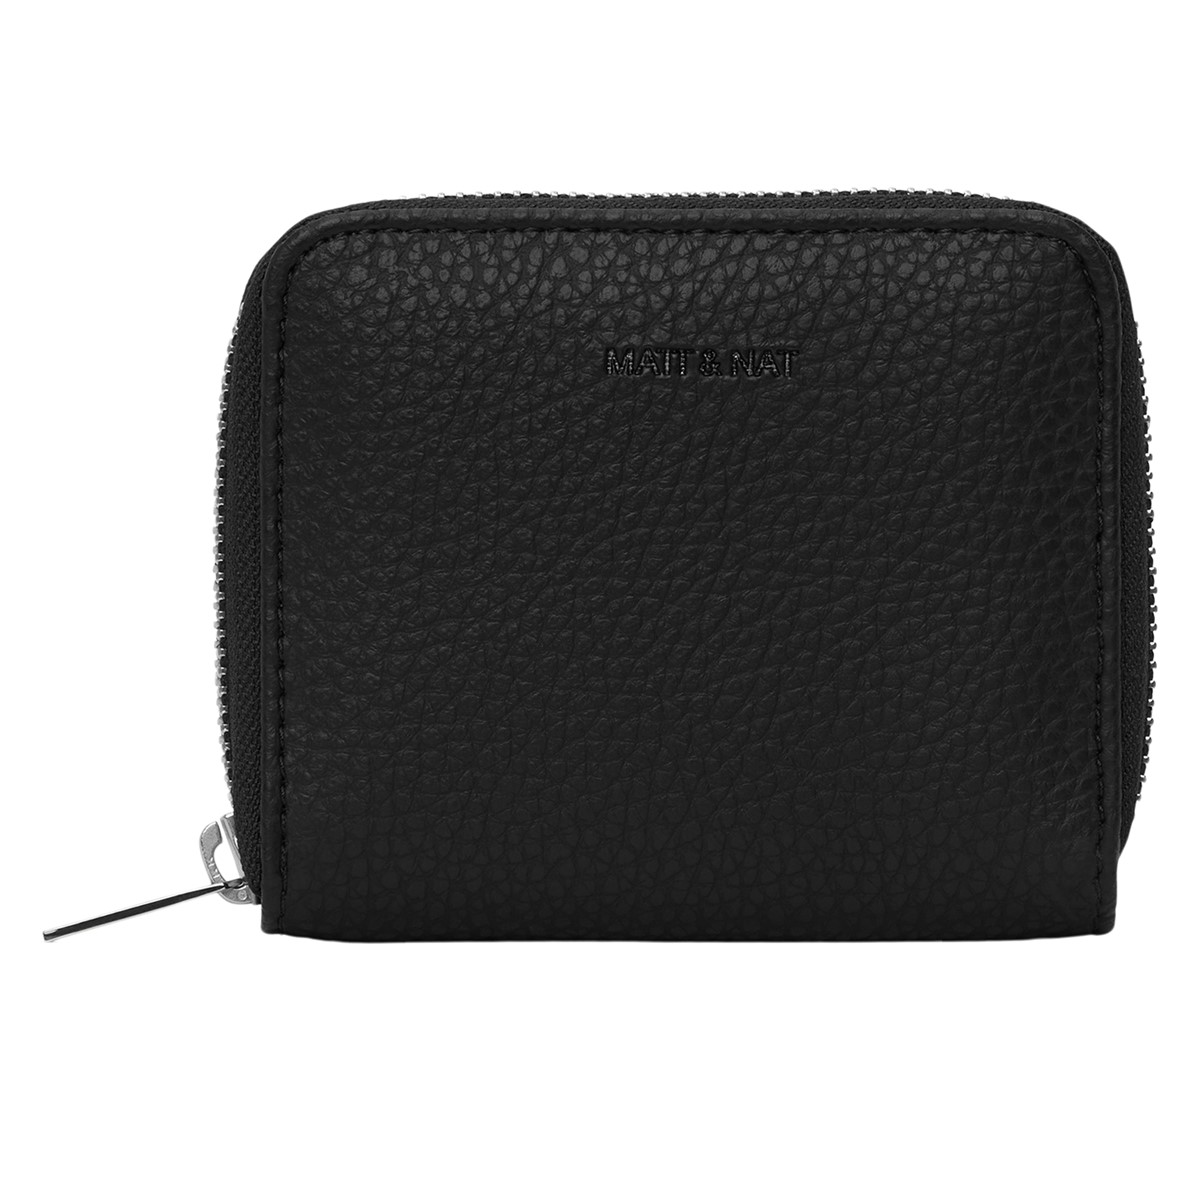 Rue Purity Zip Wallet in Black